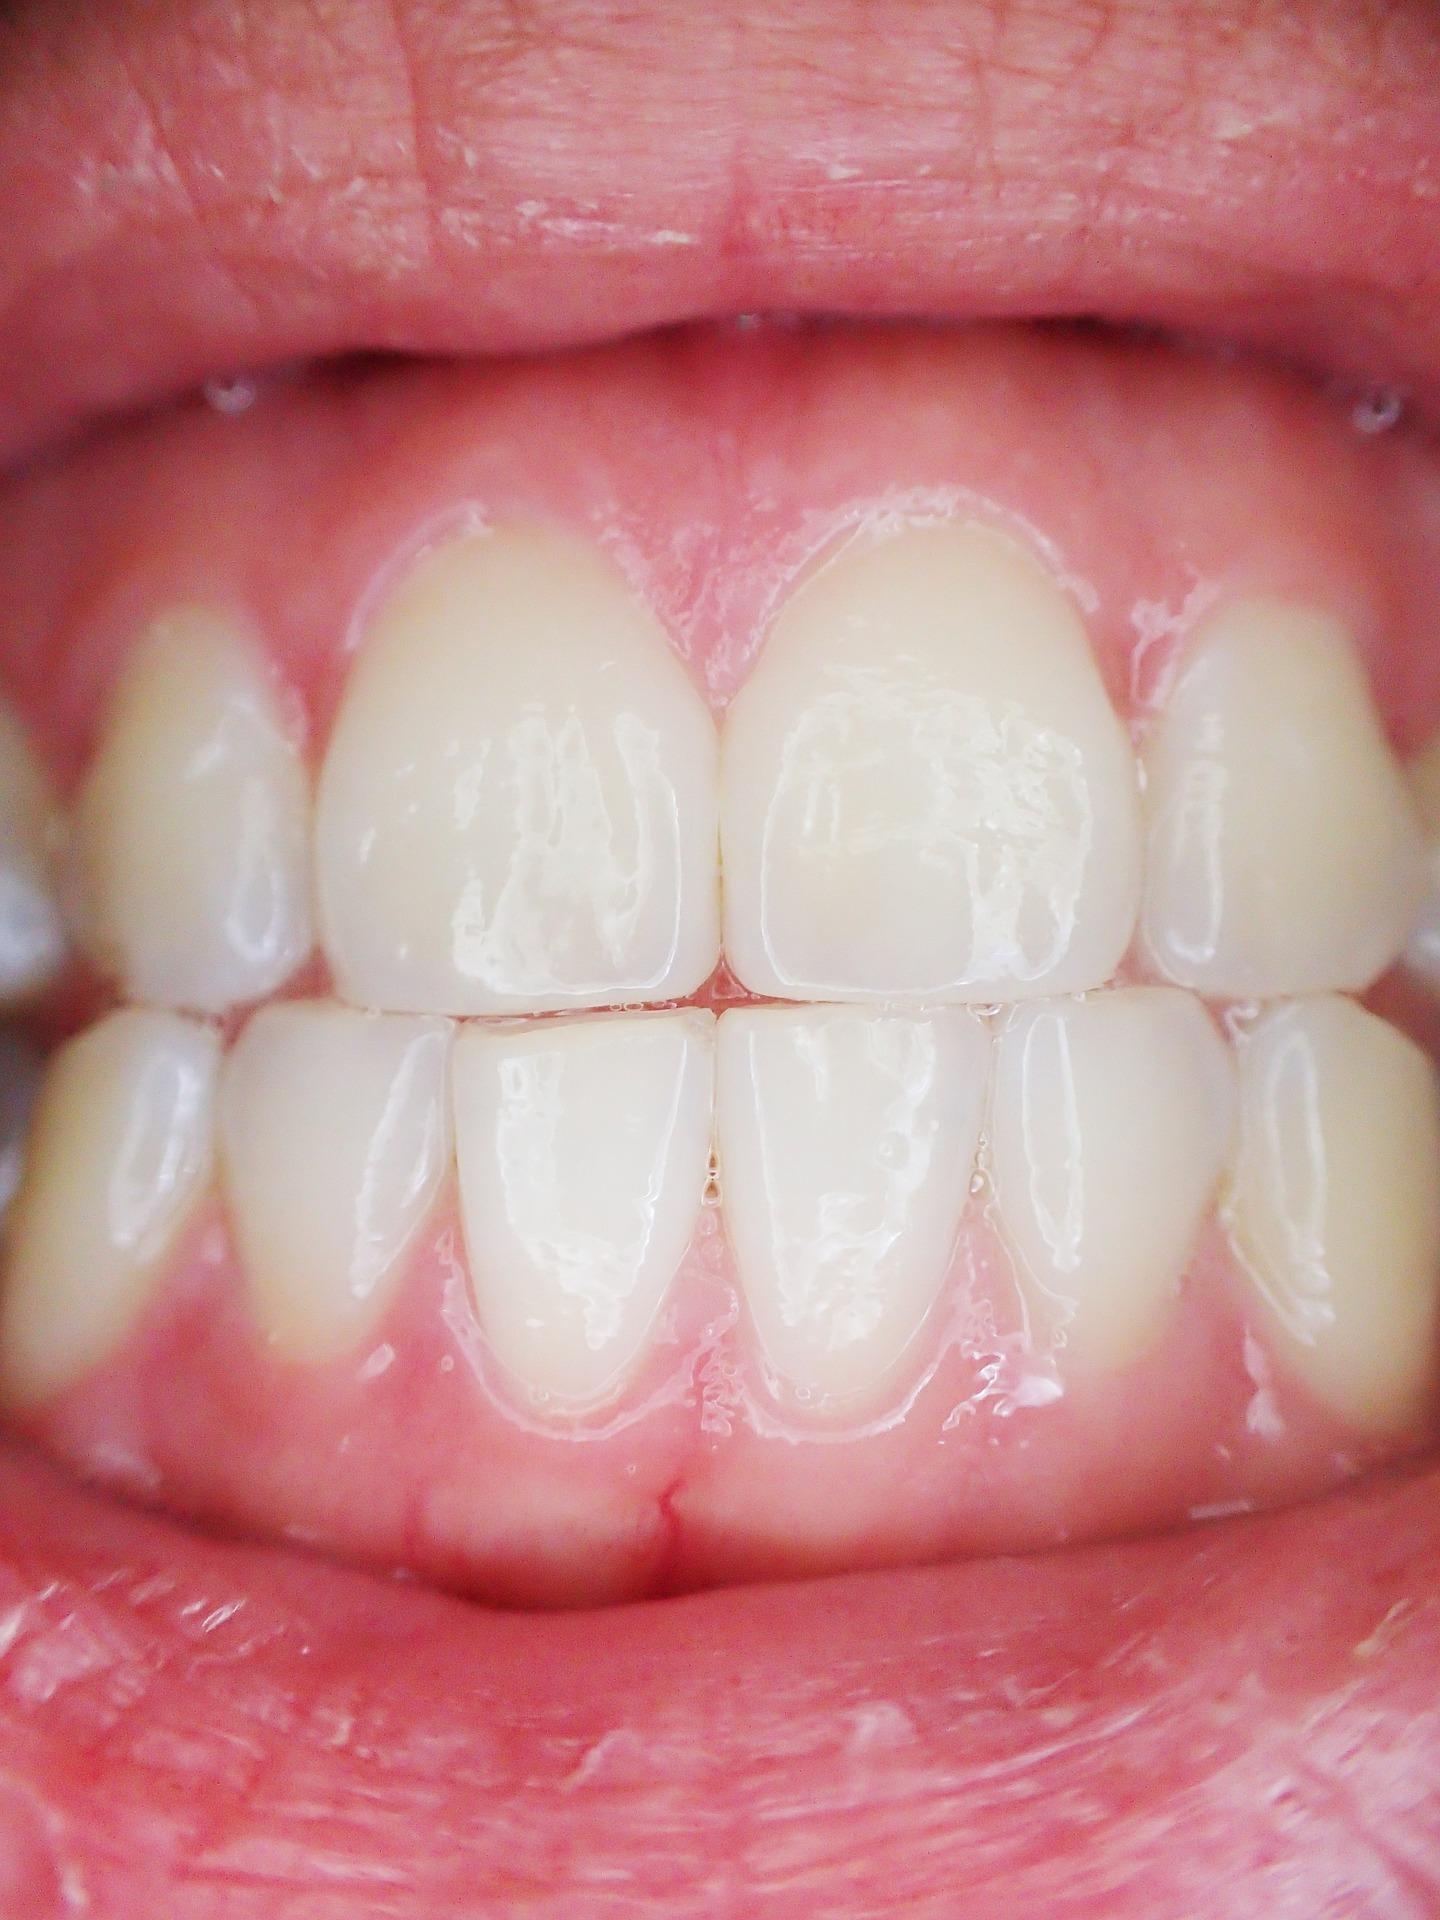 Dlaczego bolą zęby? Przyczyny i sposoby radzenia sobie z bólem